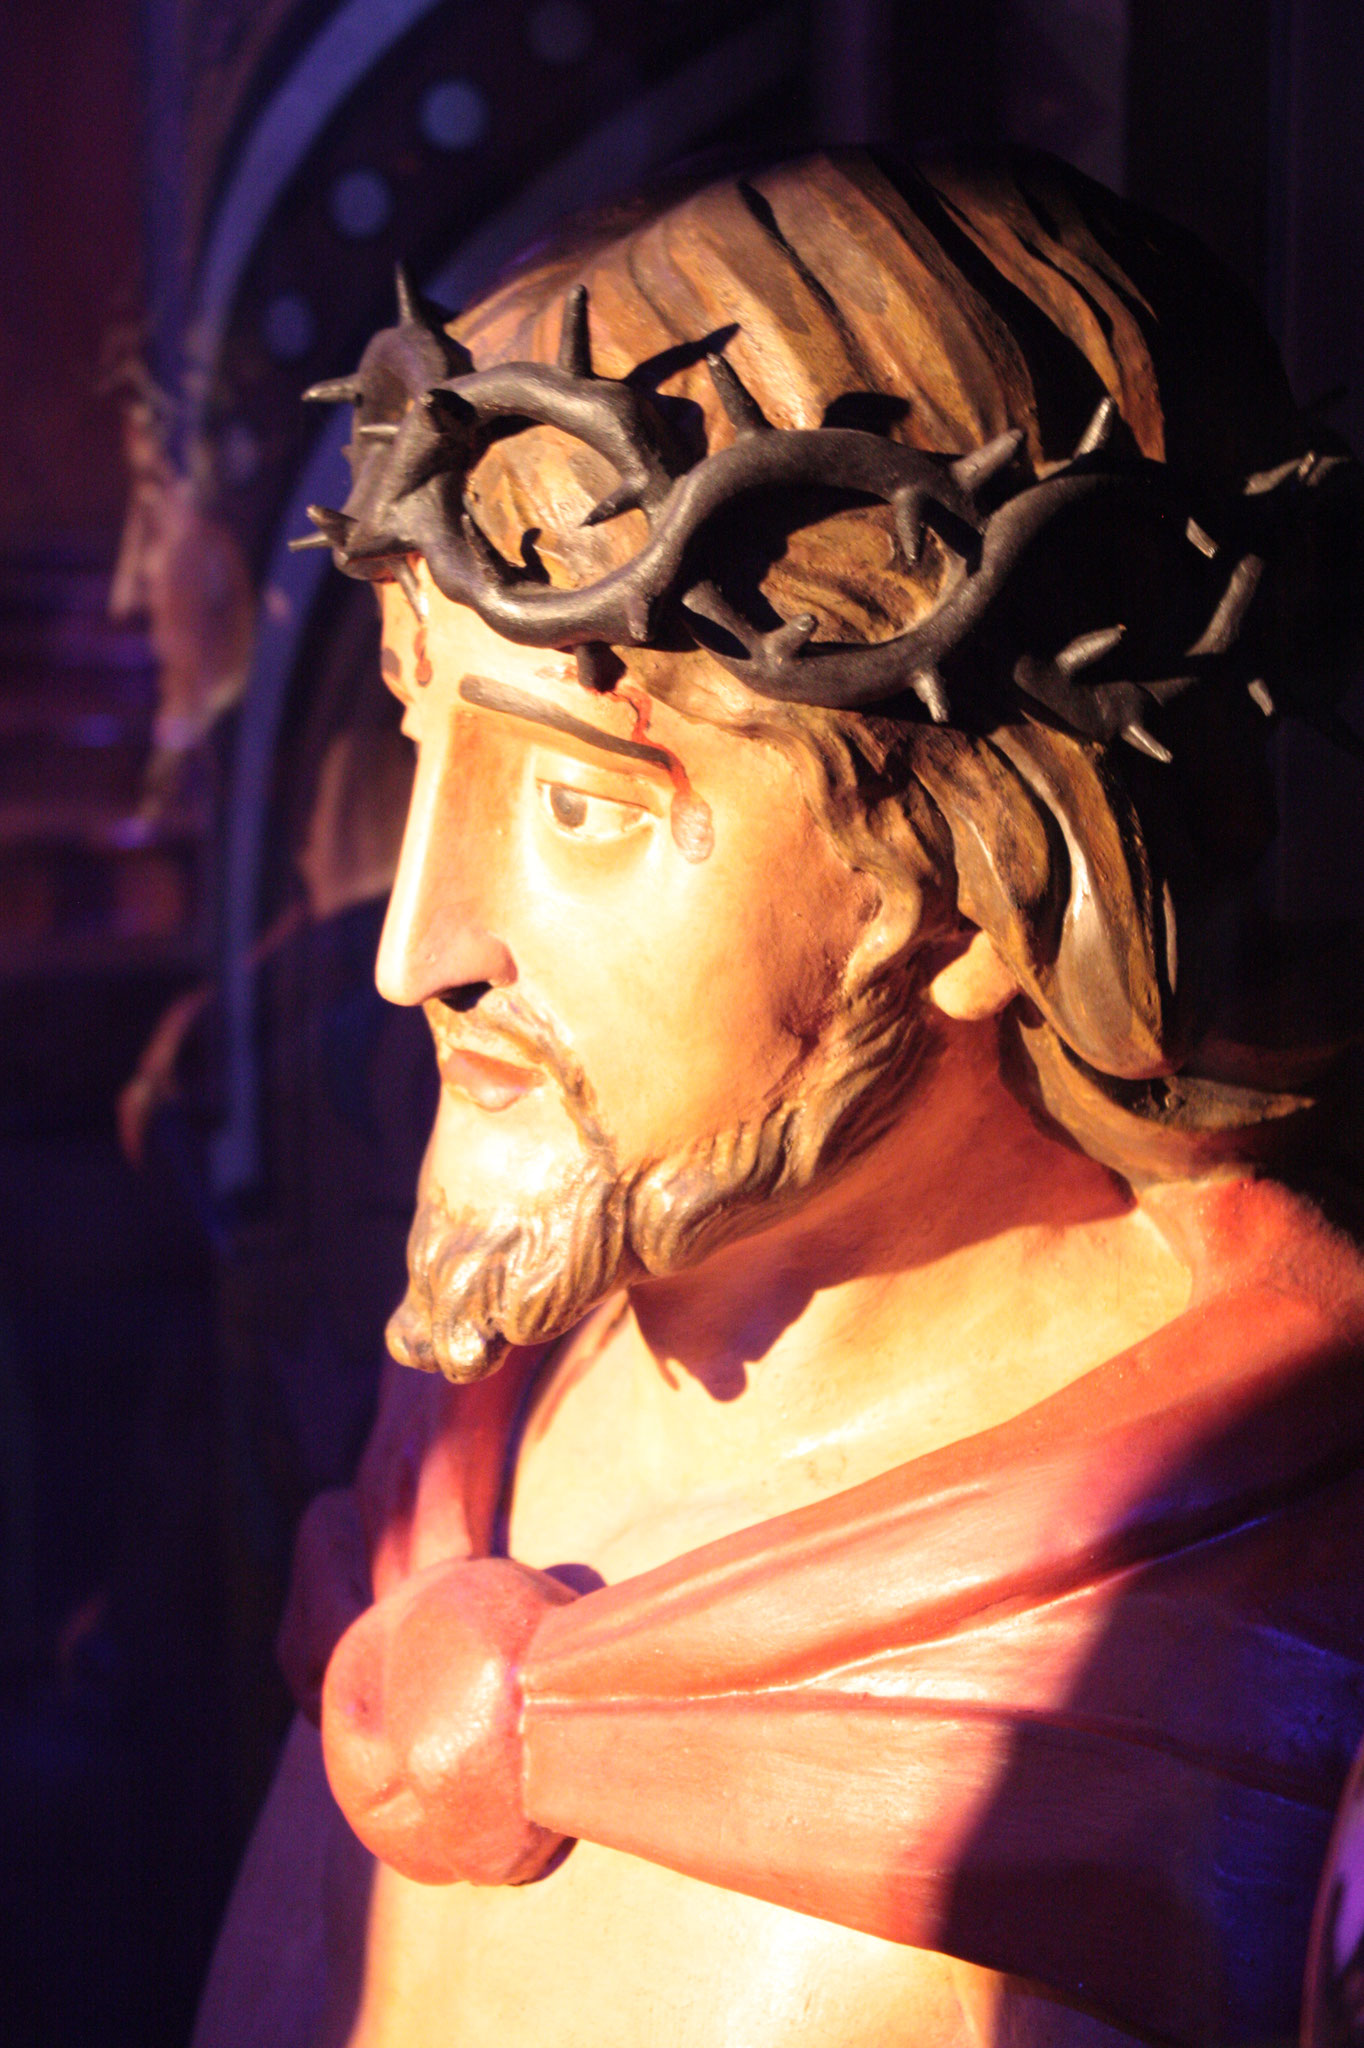 Le Christ - (c) JDR